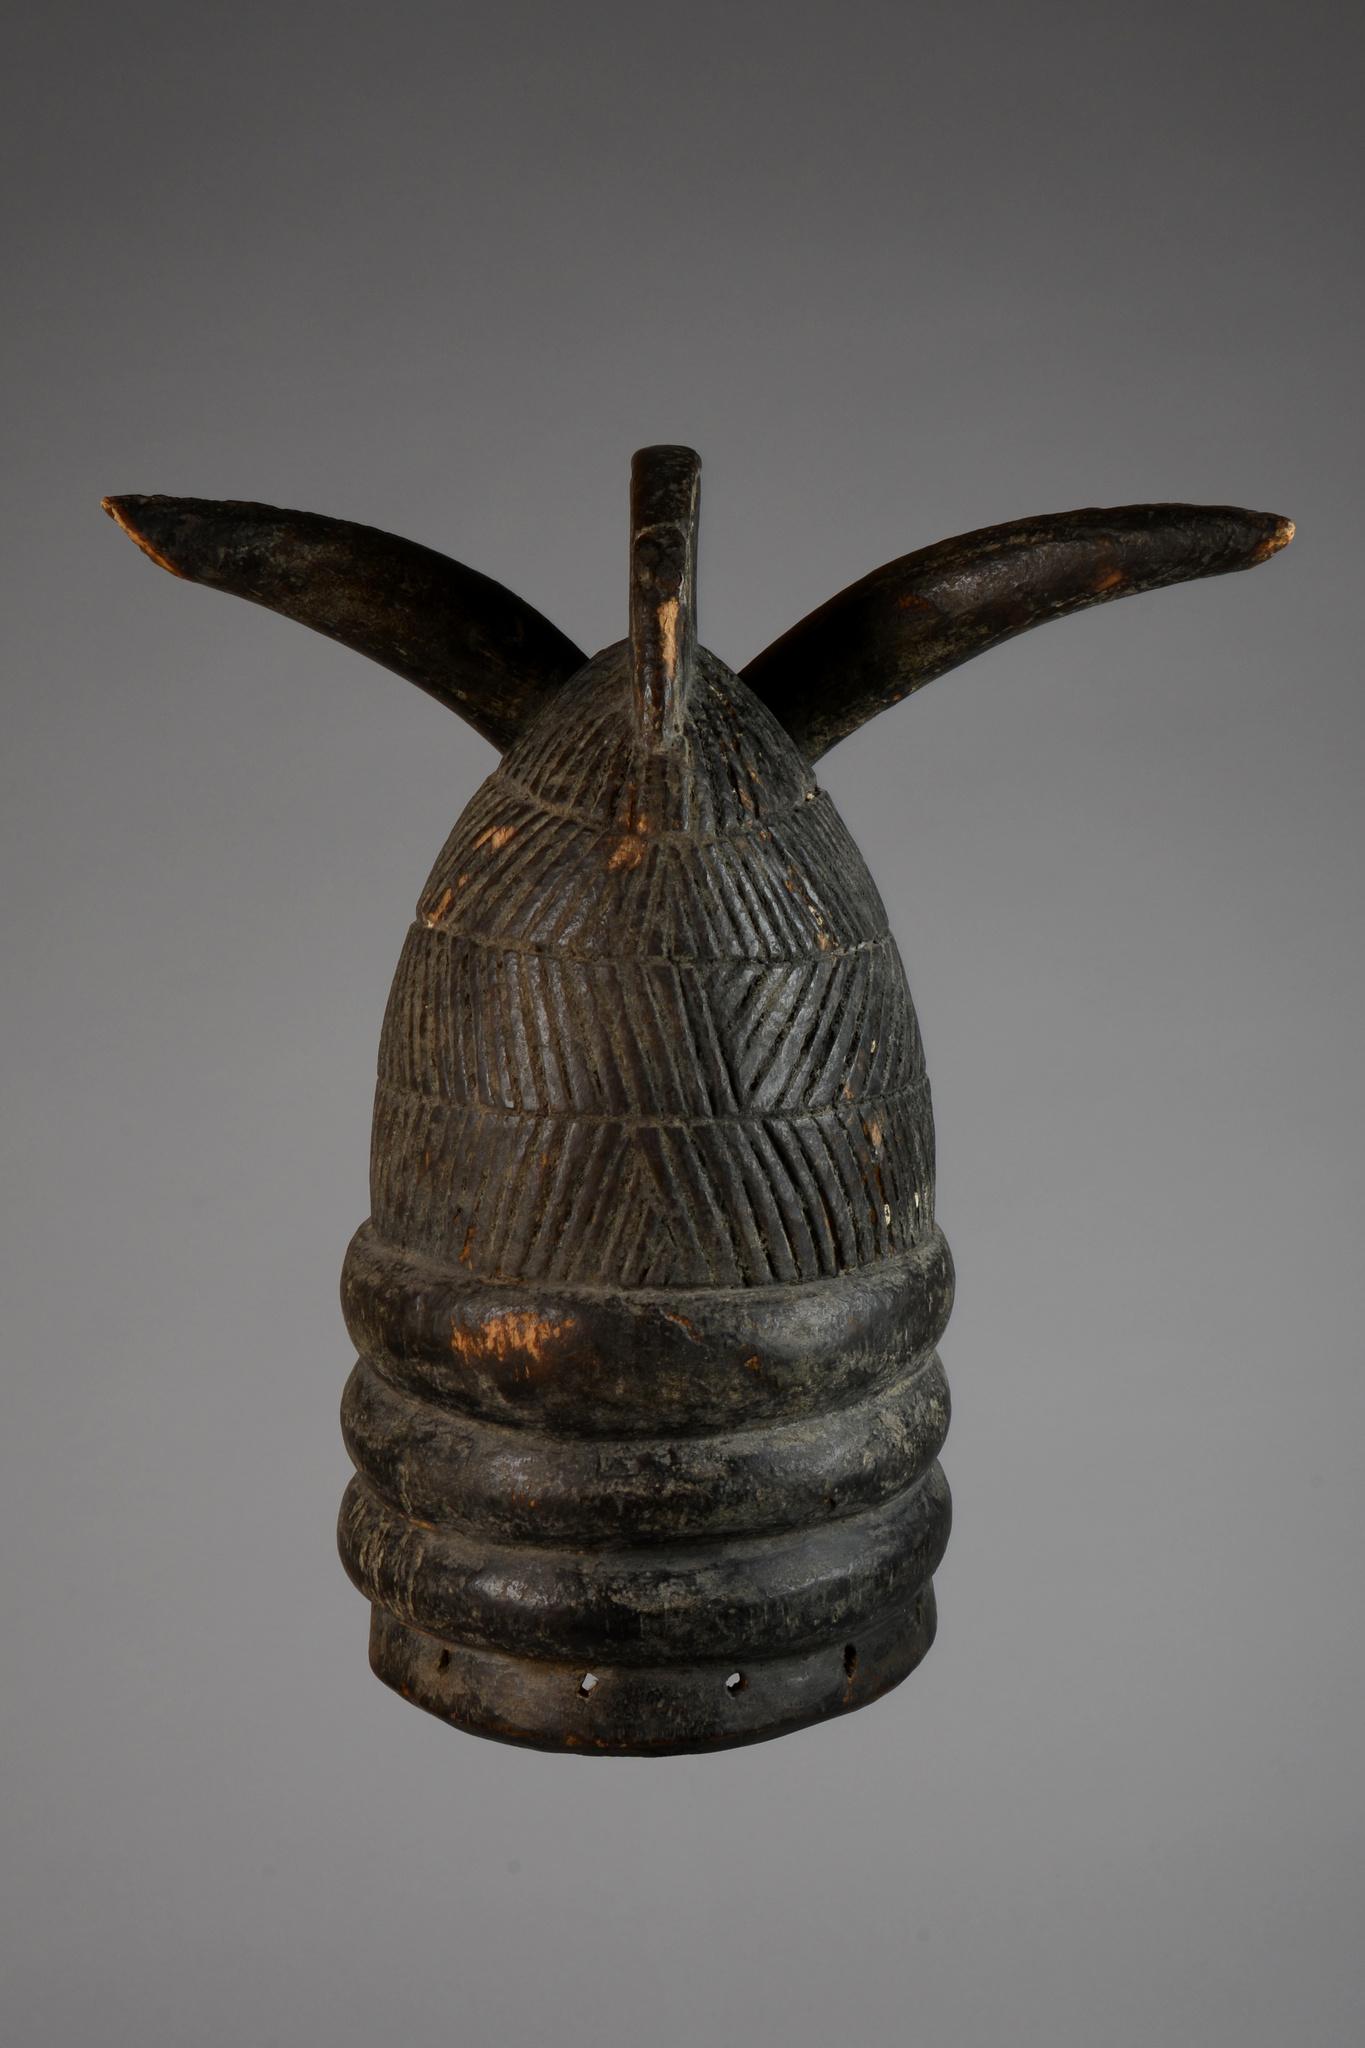 """Helmmaske """"ndoli jowei"""" der """"sande"""" (oder """"bundu"""") - Gesellschaft"""